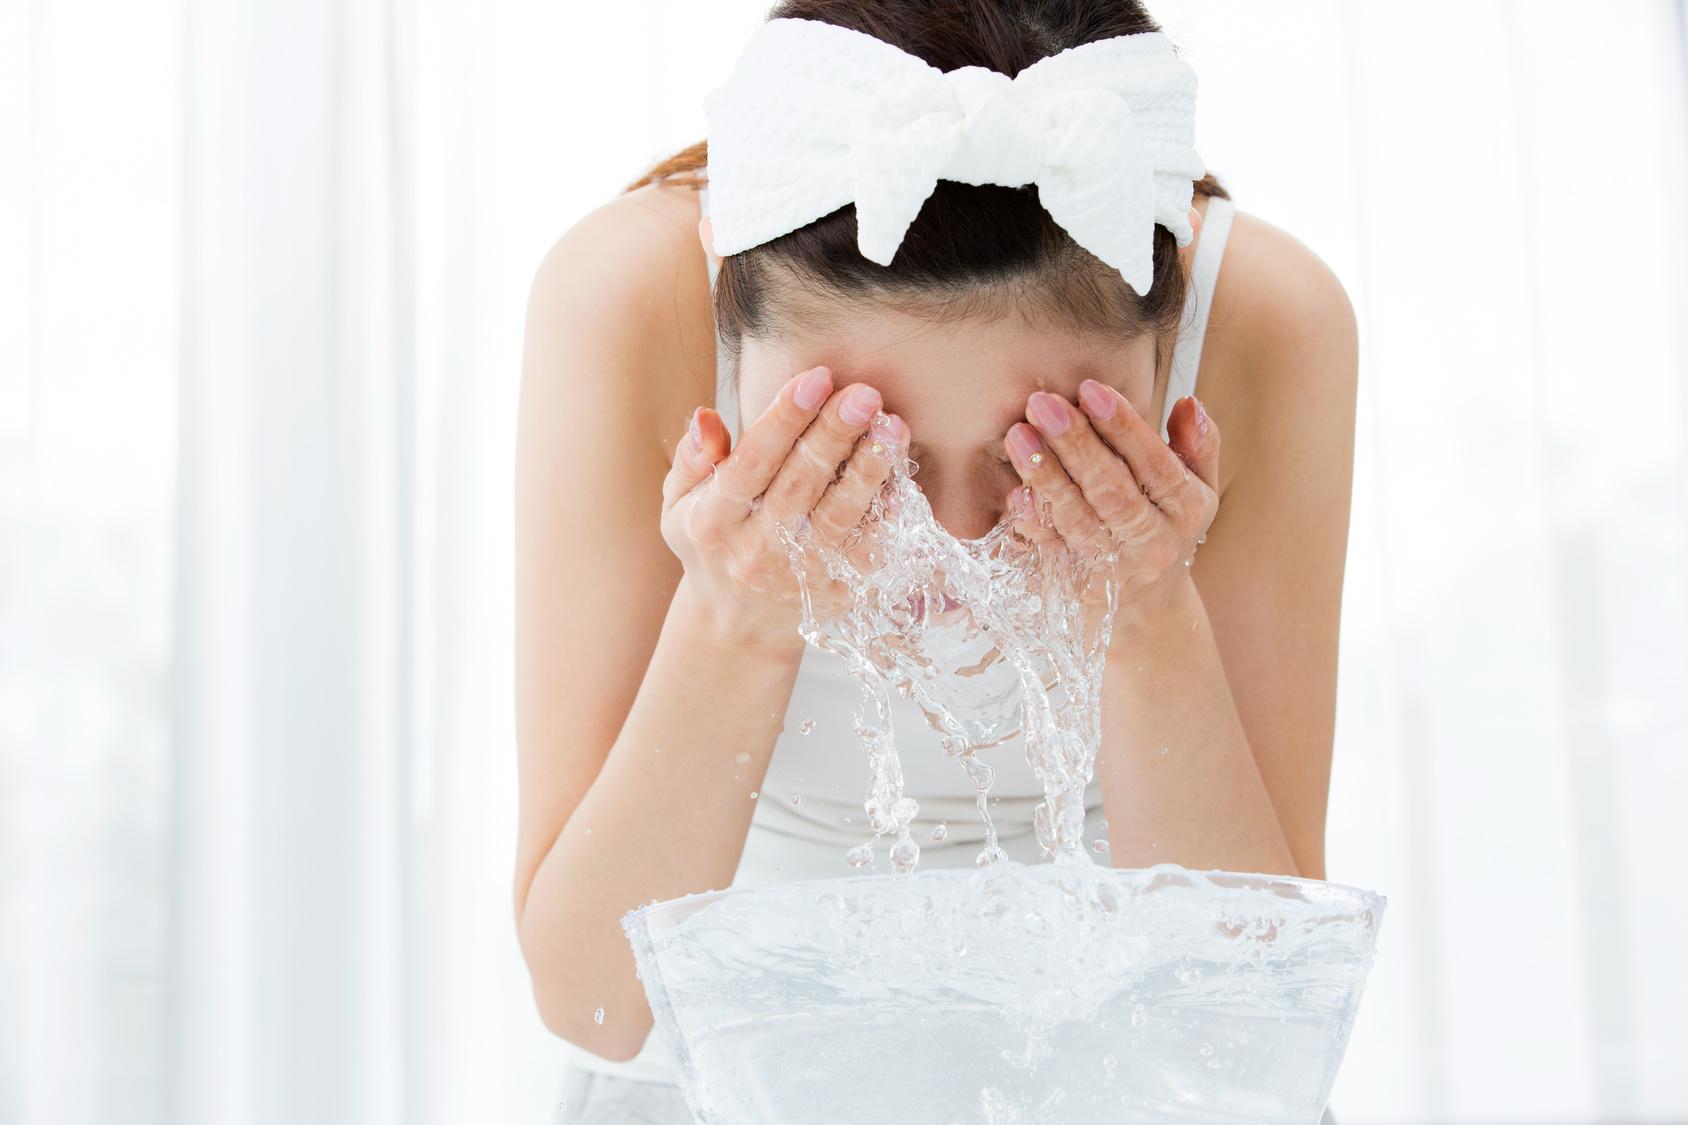 朝と夜の洗顔方法の違い